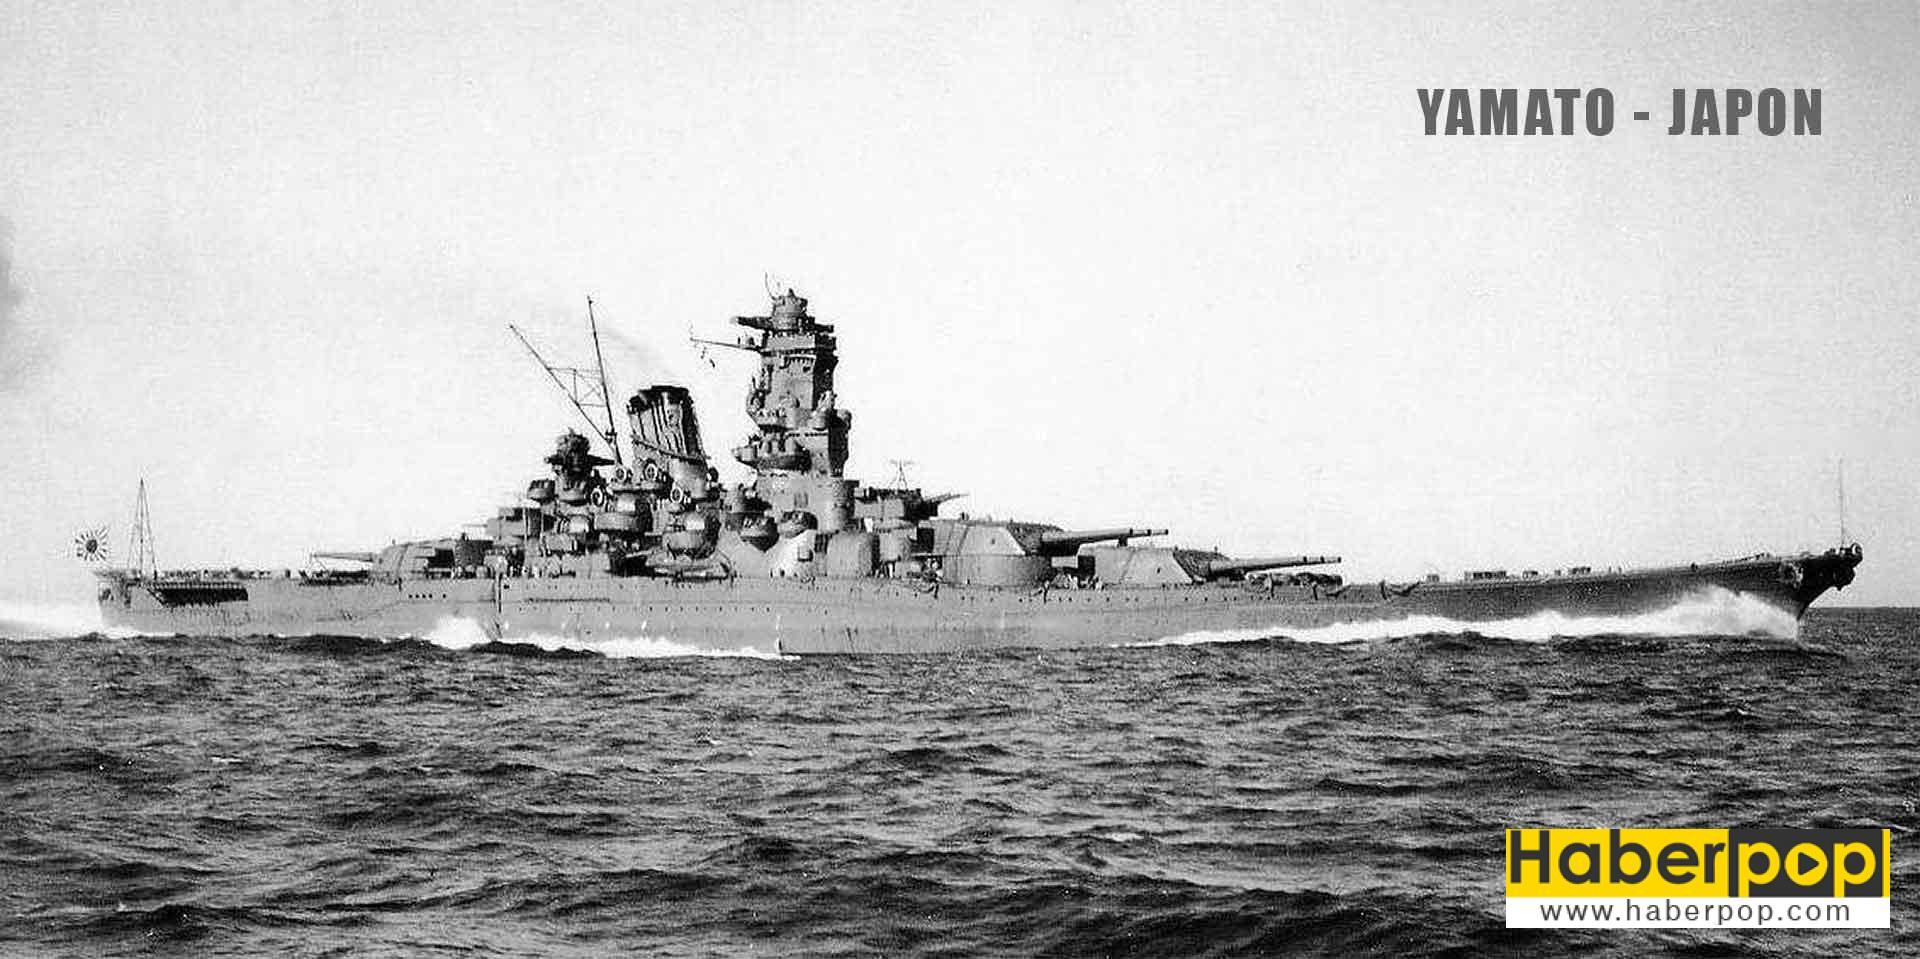 Dünyanın en büyük ve en güçlü savaş gemileri: Yamato